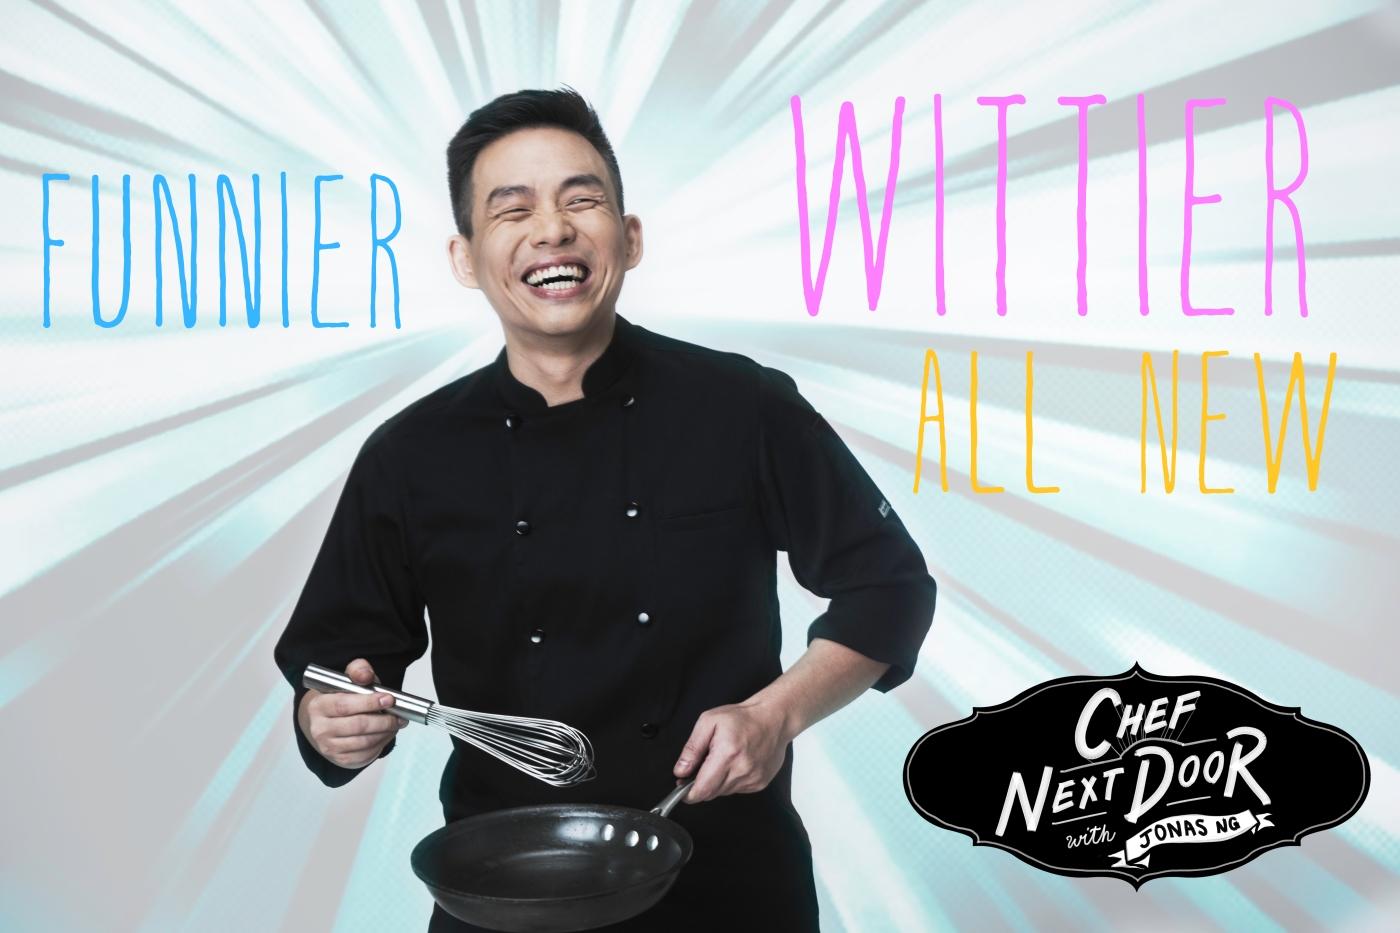 Chef Next Door